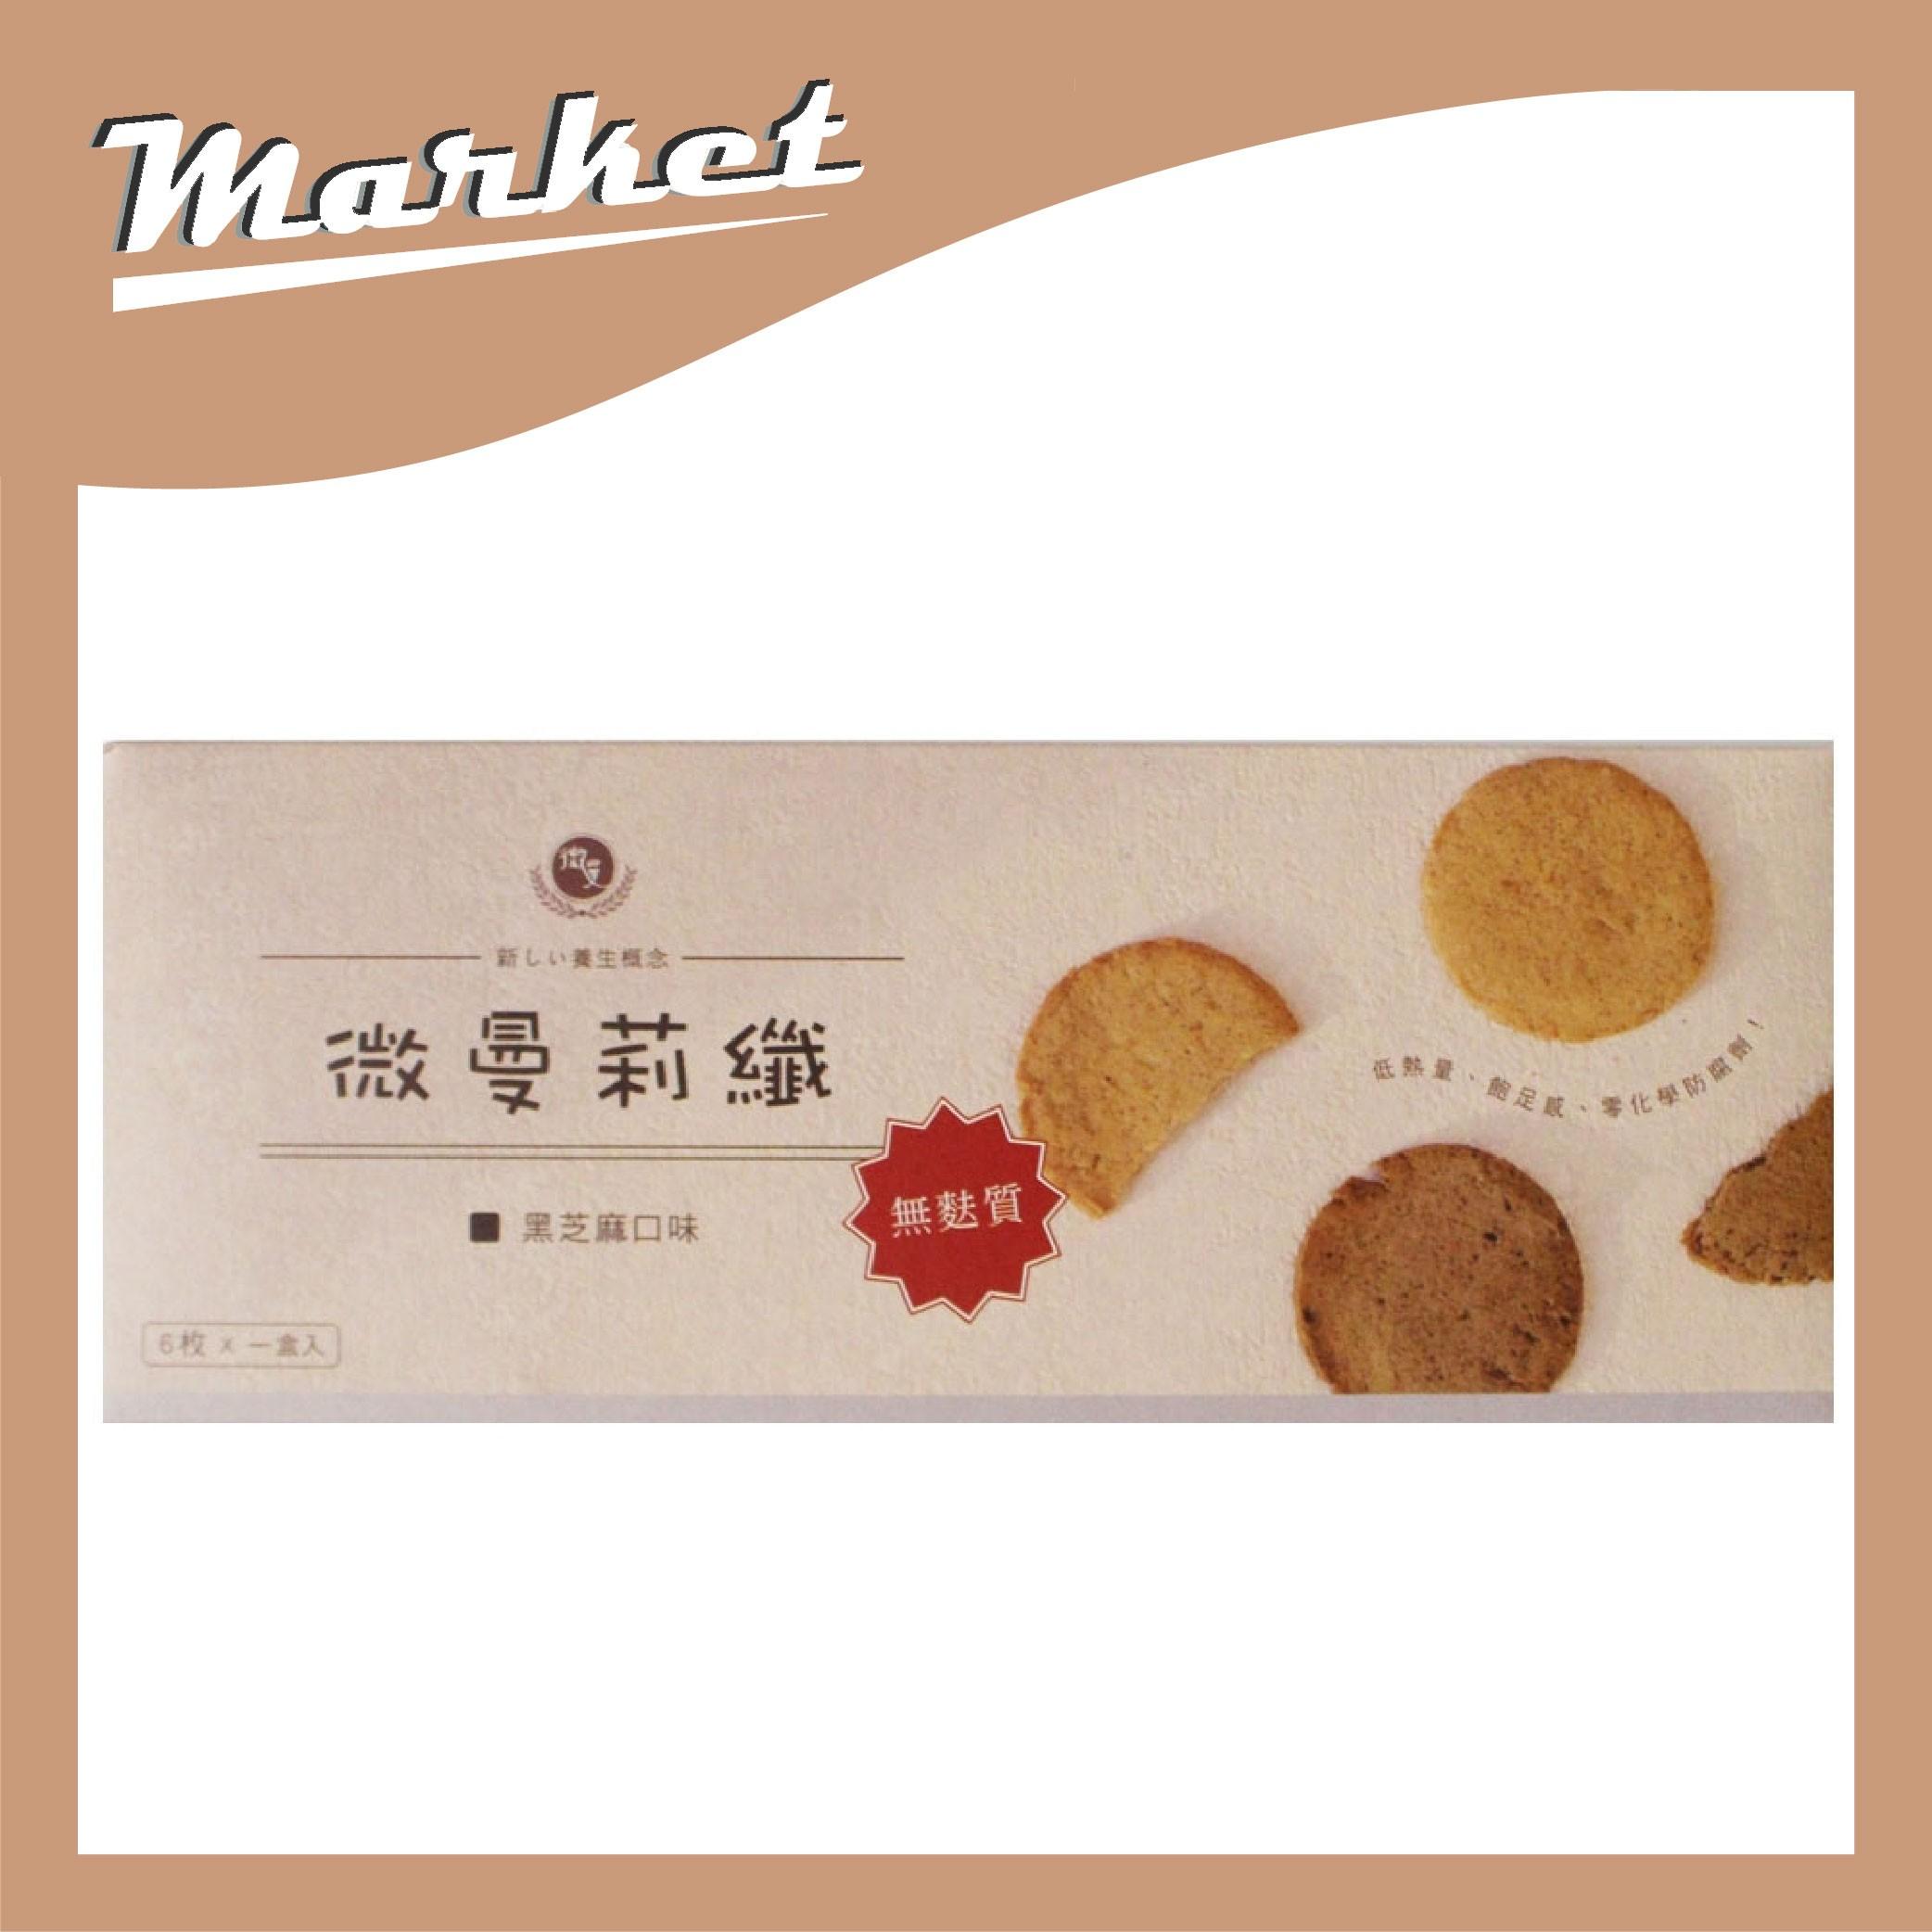 【微曼莉纖】纖餅黑芝麻口味(6包/盒)